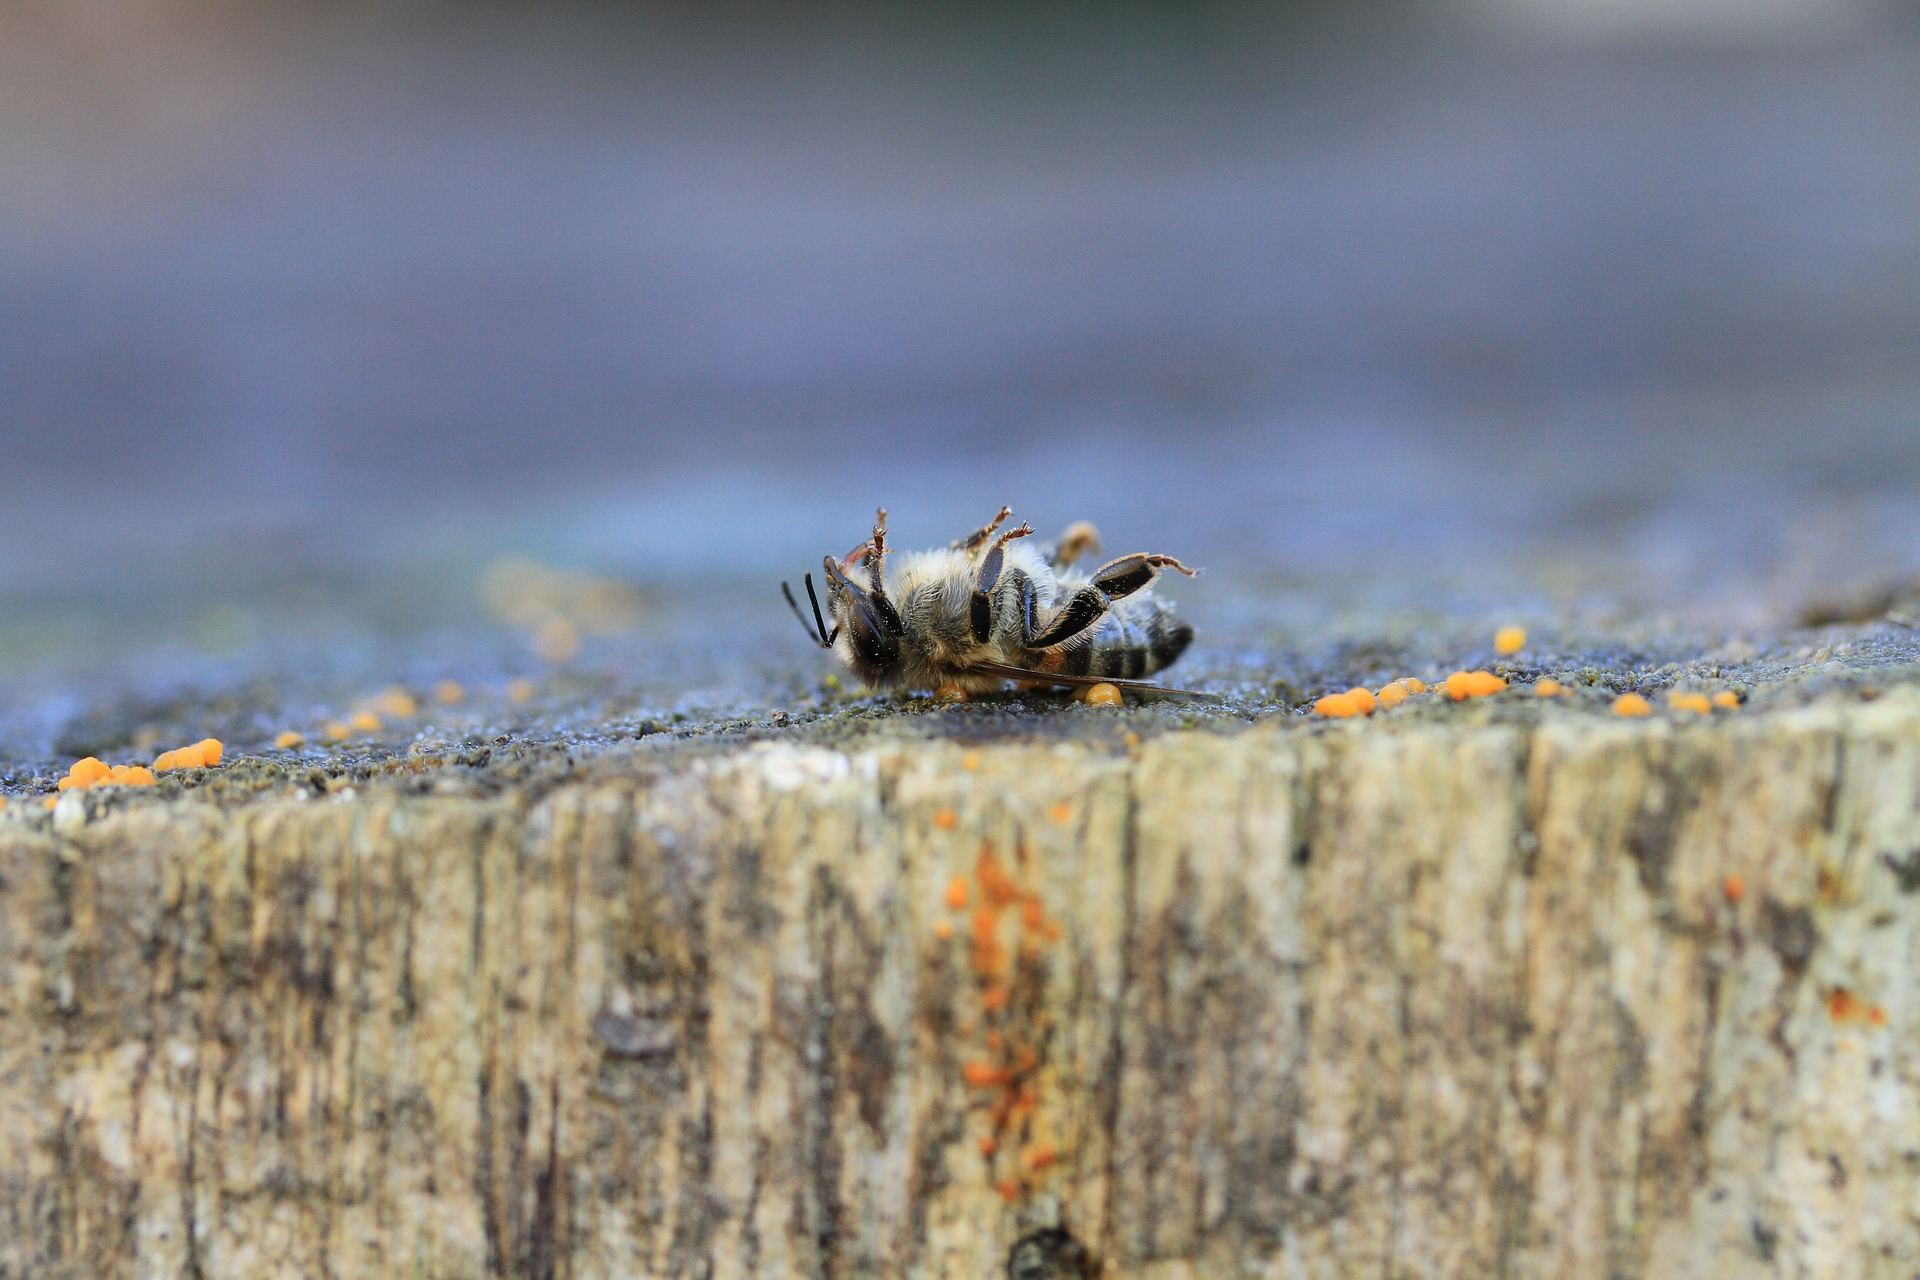 Gestorbene Biene aufgrund von Pestiziden